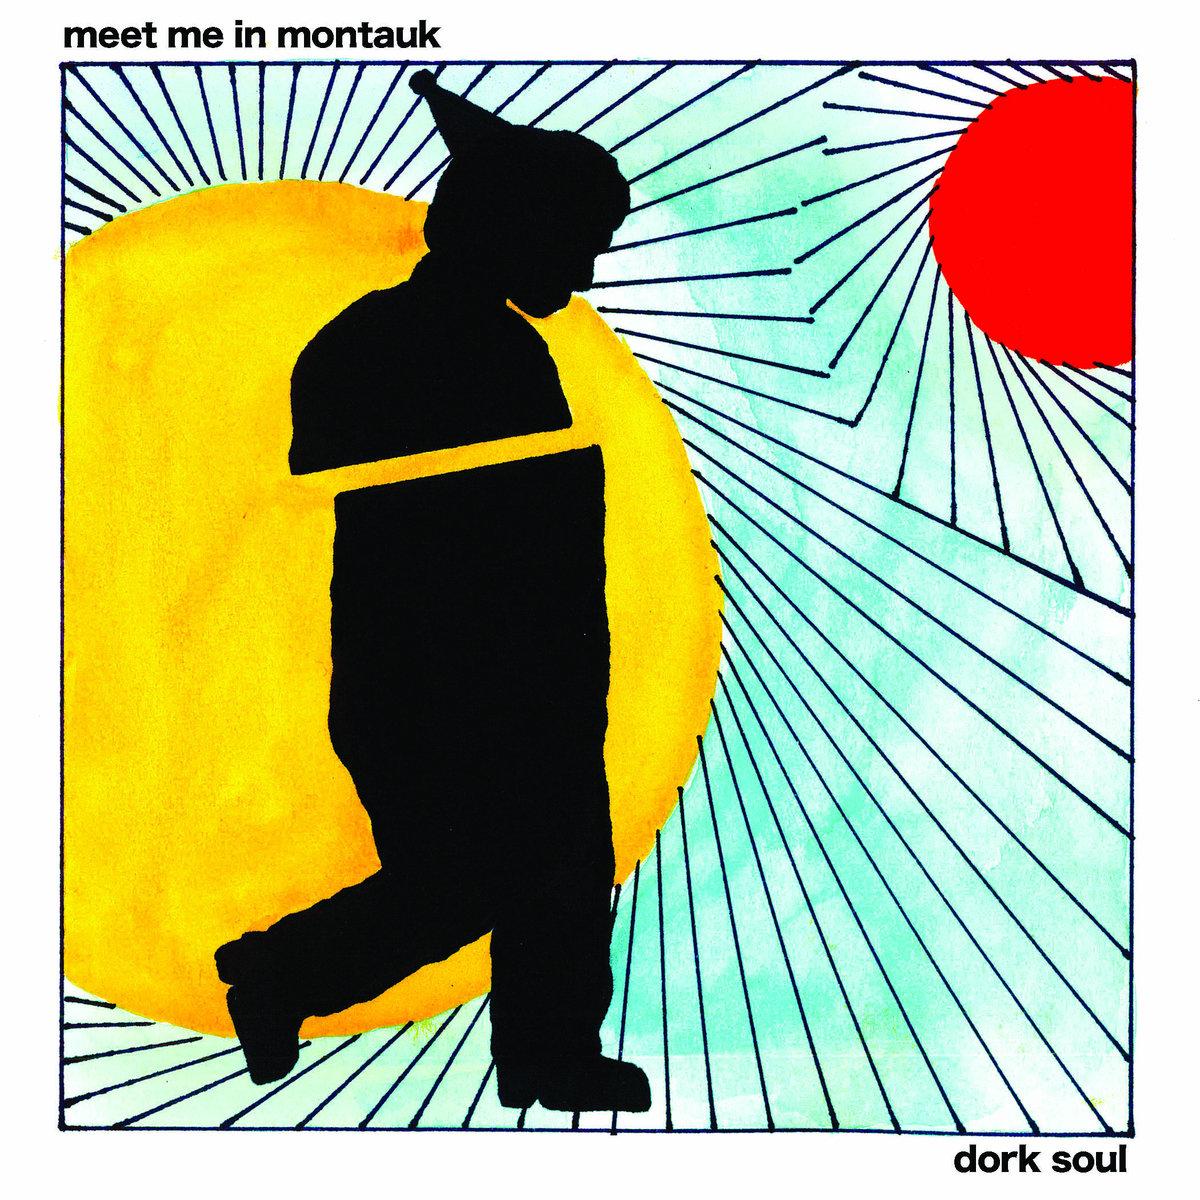 Spanspek Album Review: Meet Me In Montauk - Dork Soul | Spanspek ...